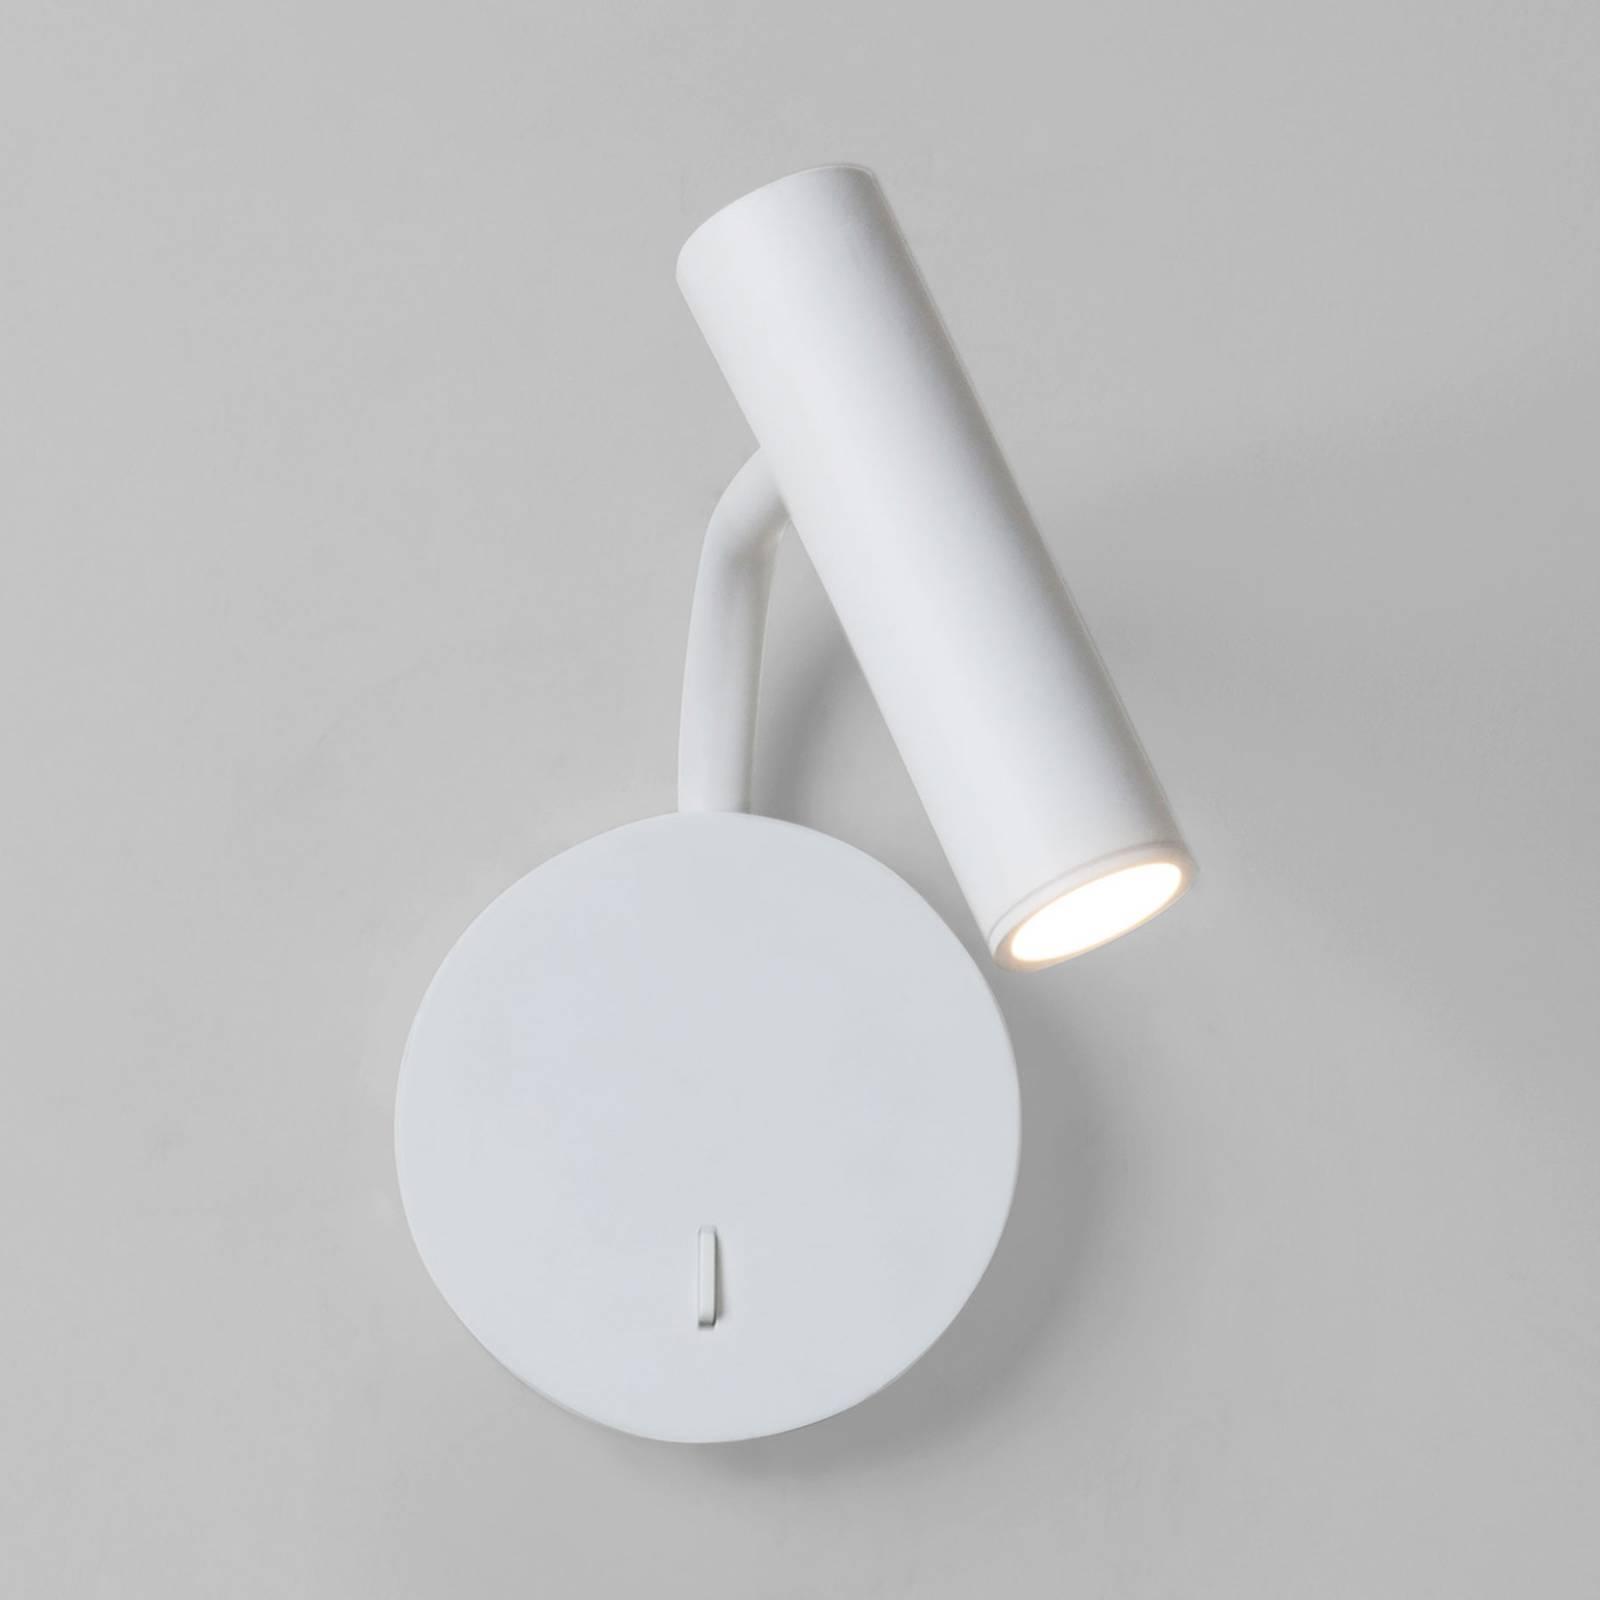 Astro Enna Wall -LED-seinävalaisin, valkoinen